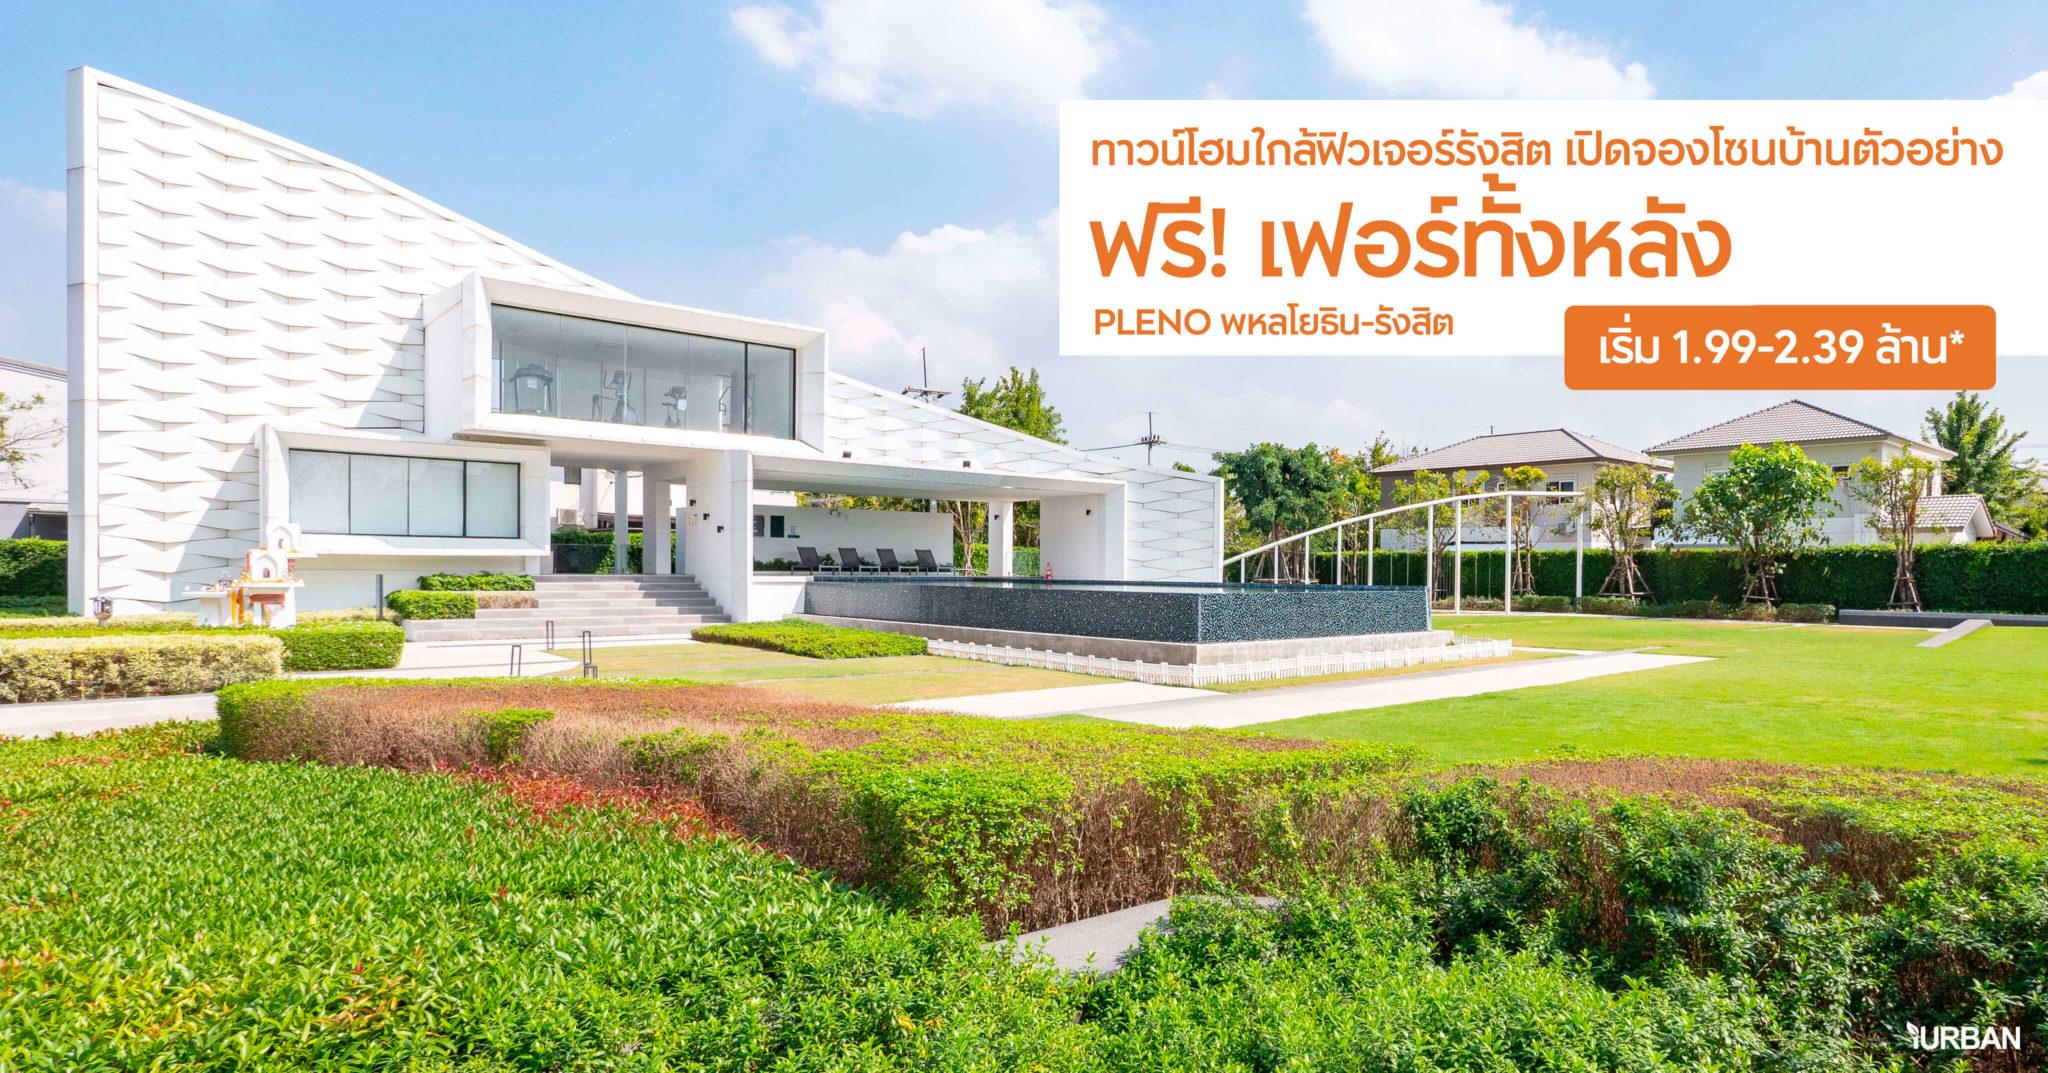 พาชมบ้านจริง PLENO พหลโยธิน-รังสิต ชีวิตทันสมัย ใกล้ฟิวเจอร์พาร์ครังสิต เริ่มแค่ 1.99 ลบ. 13 - AP (Thailand) - เอพี (ไทยแลนด์)